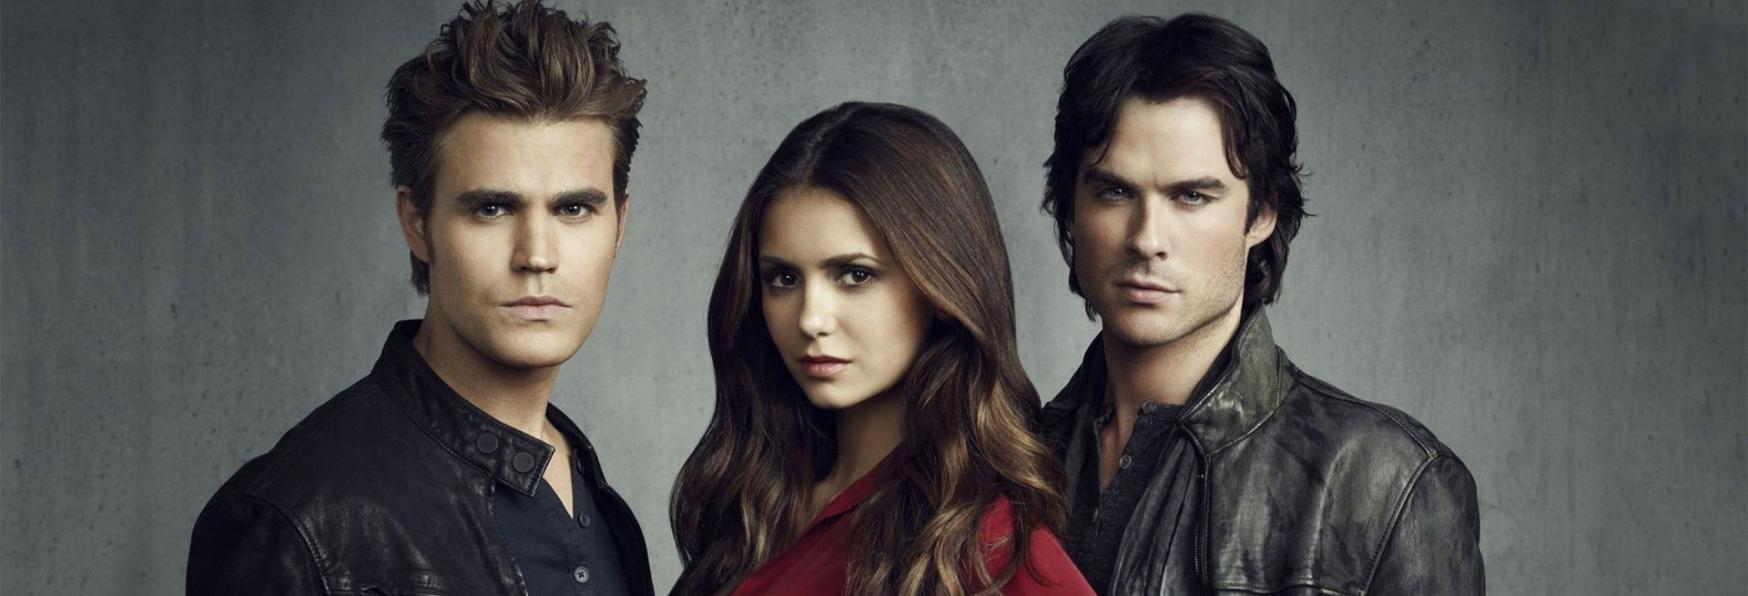 Un Revival di The Vampire Diaries? Ian Somerhalder non sembra molto Favorevole